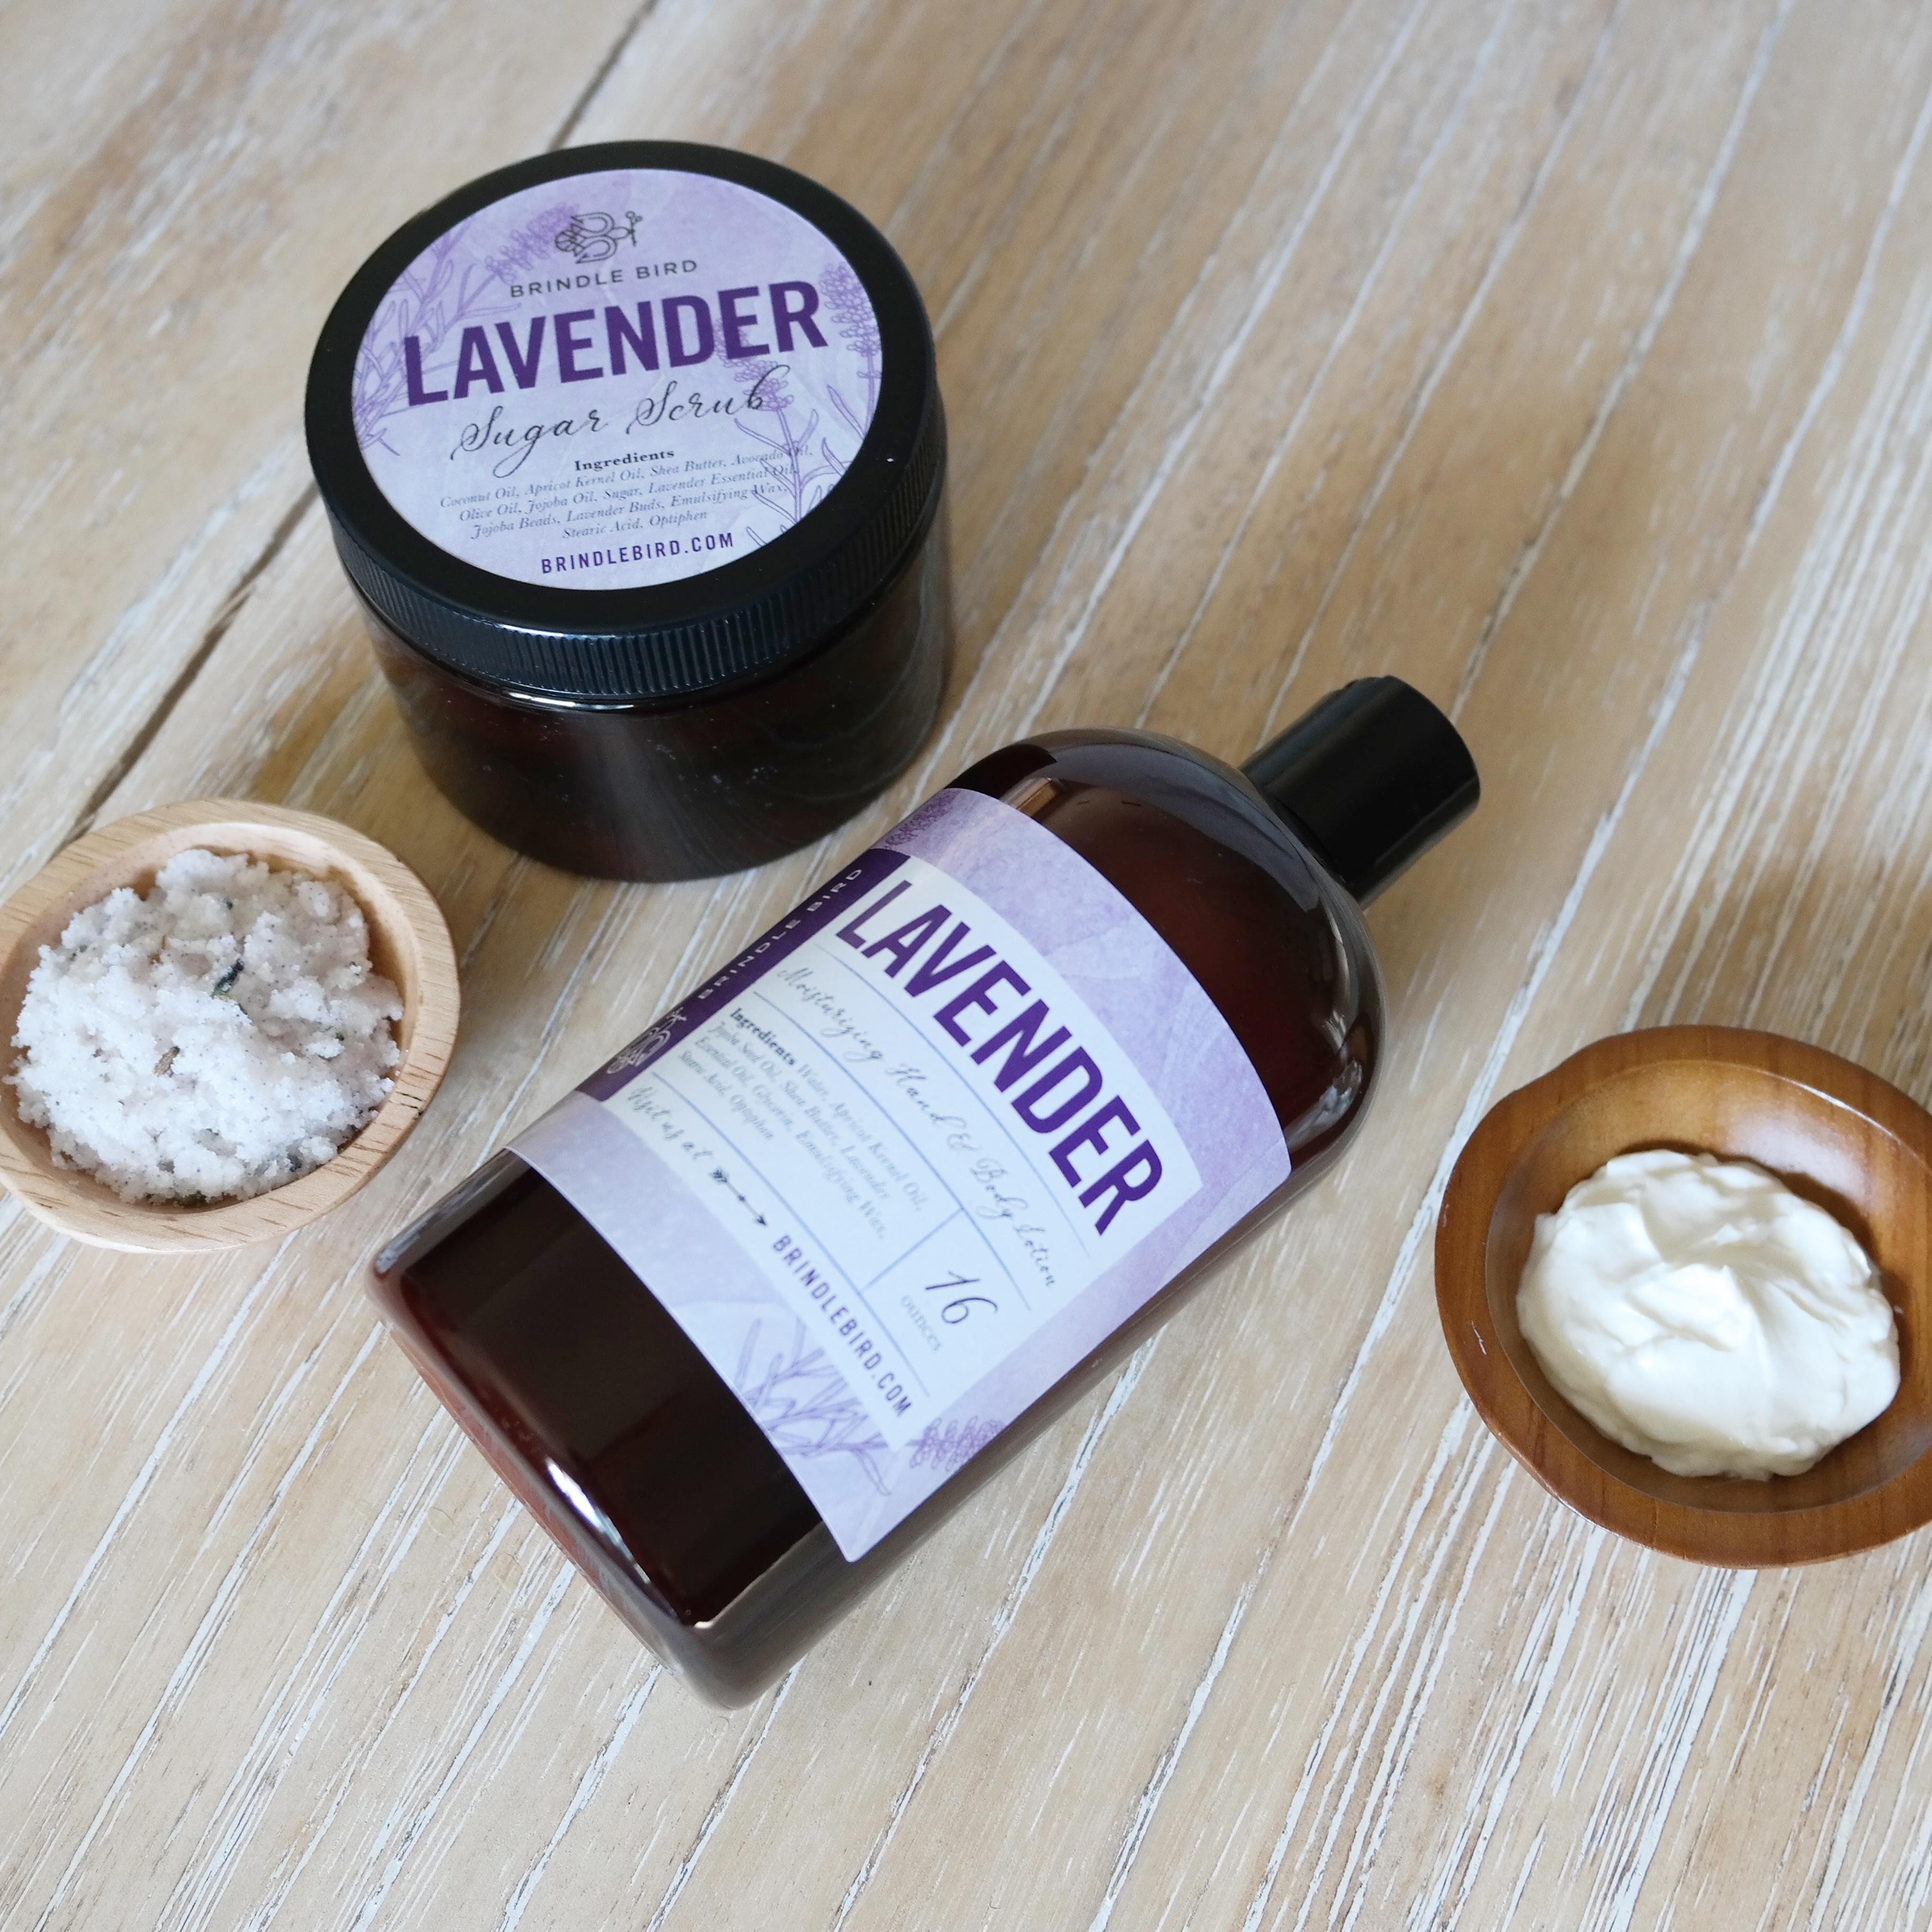 Lavender duo 2